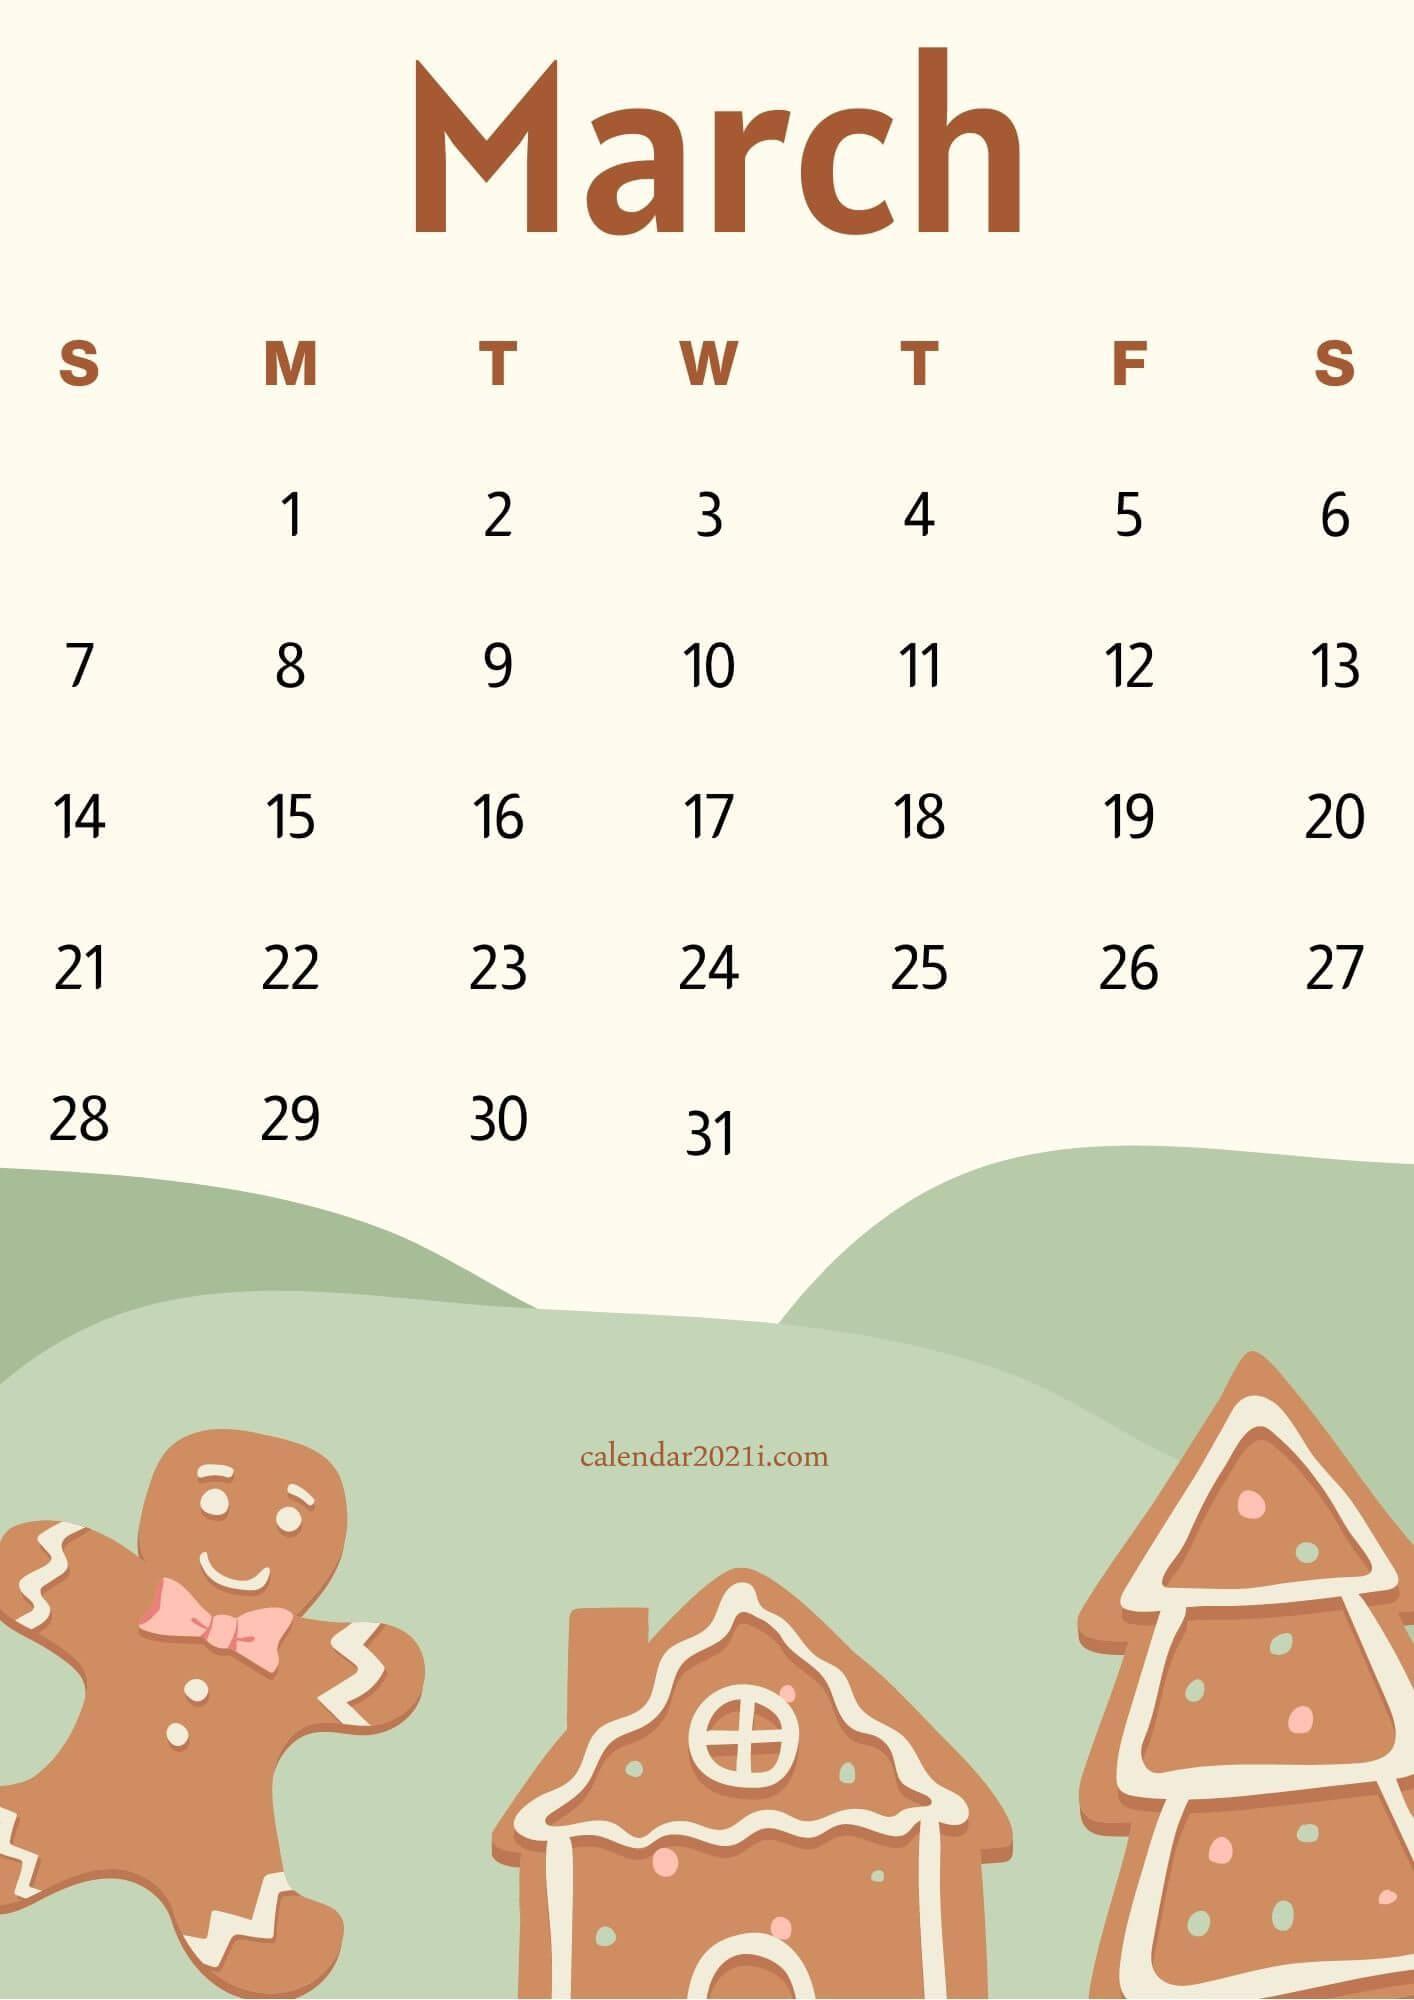 Cute March 2021 Calendar Wallpaper